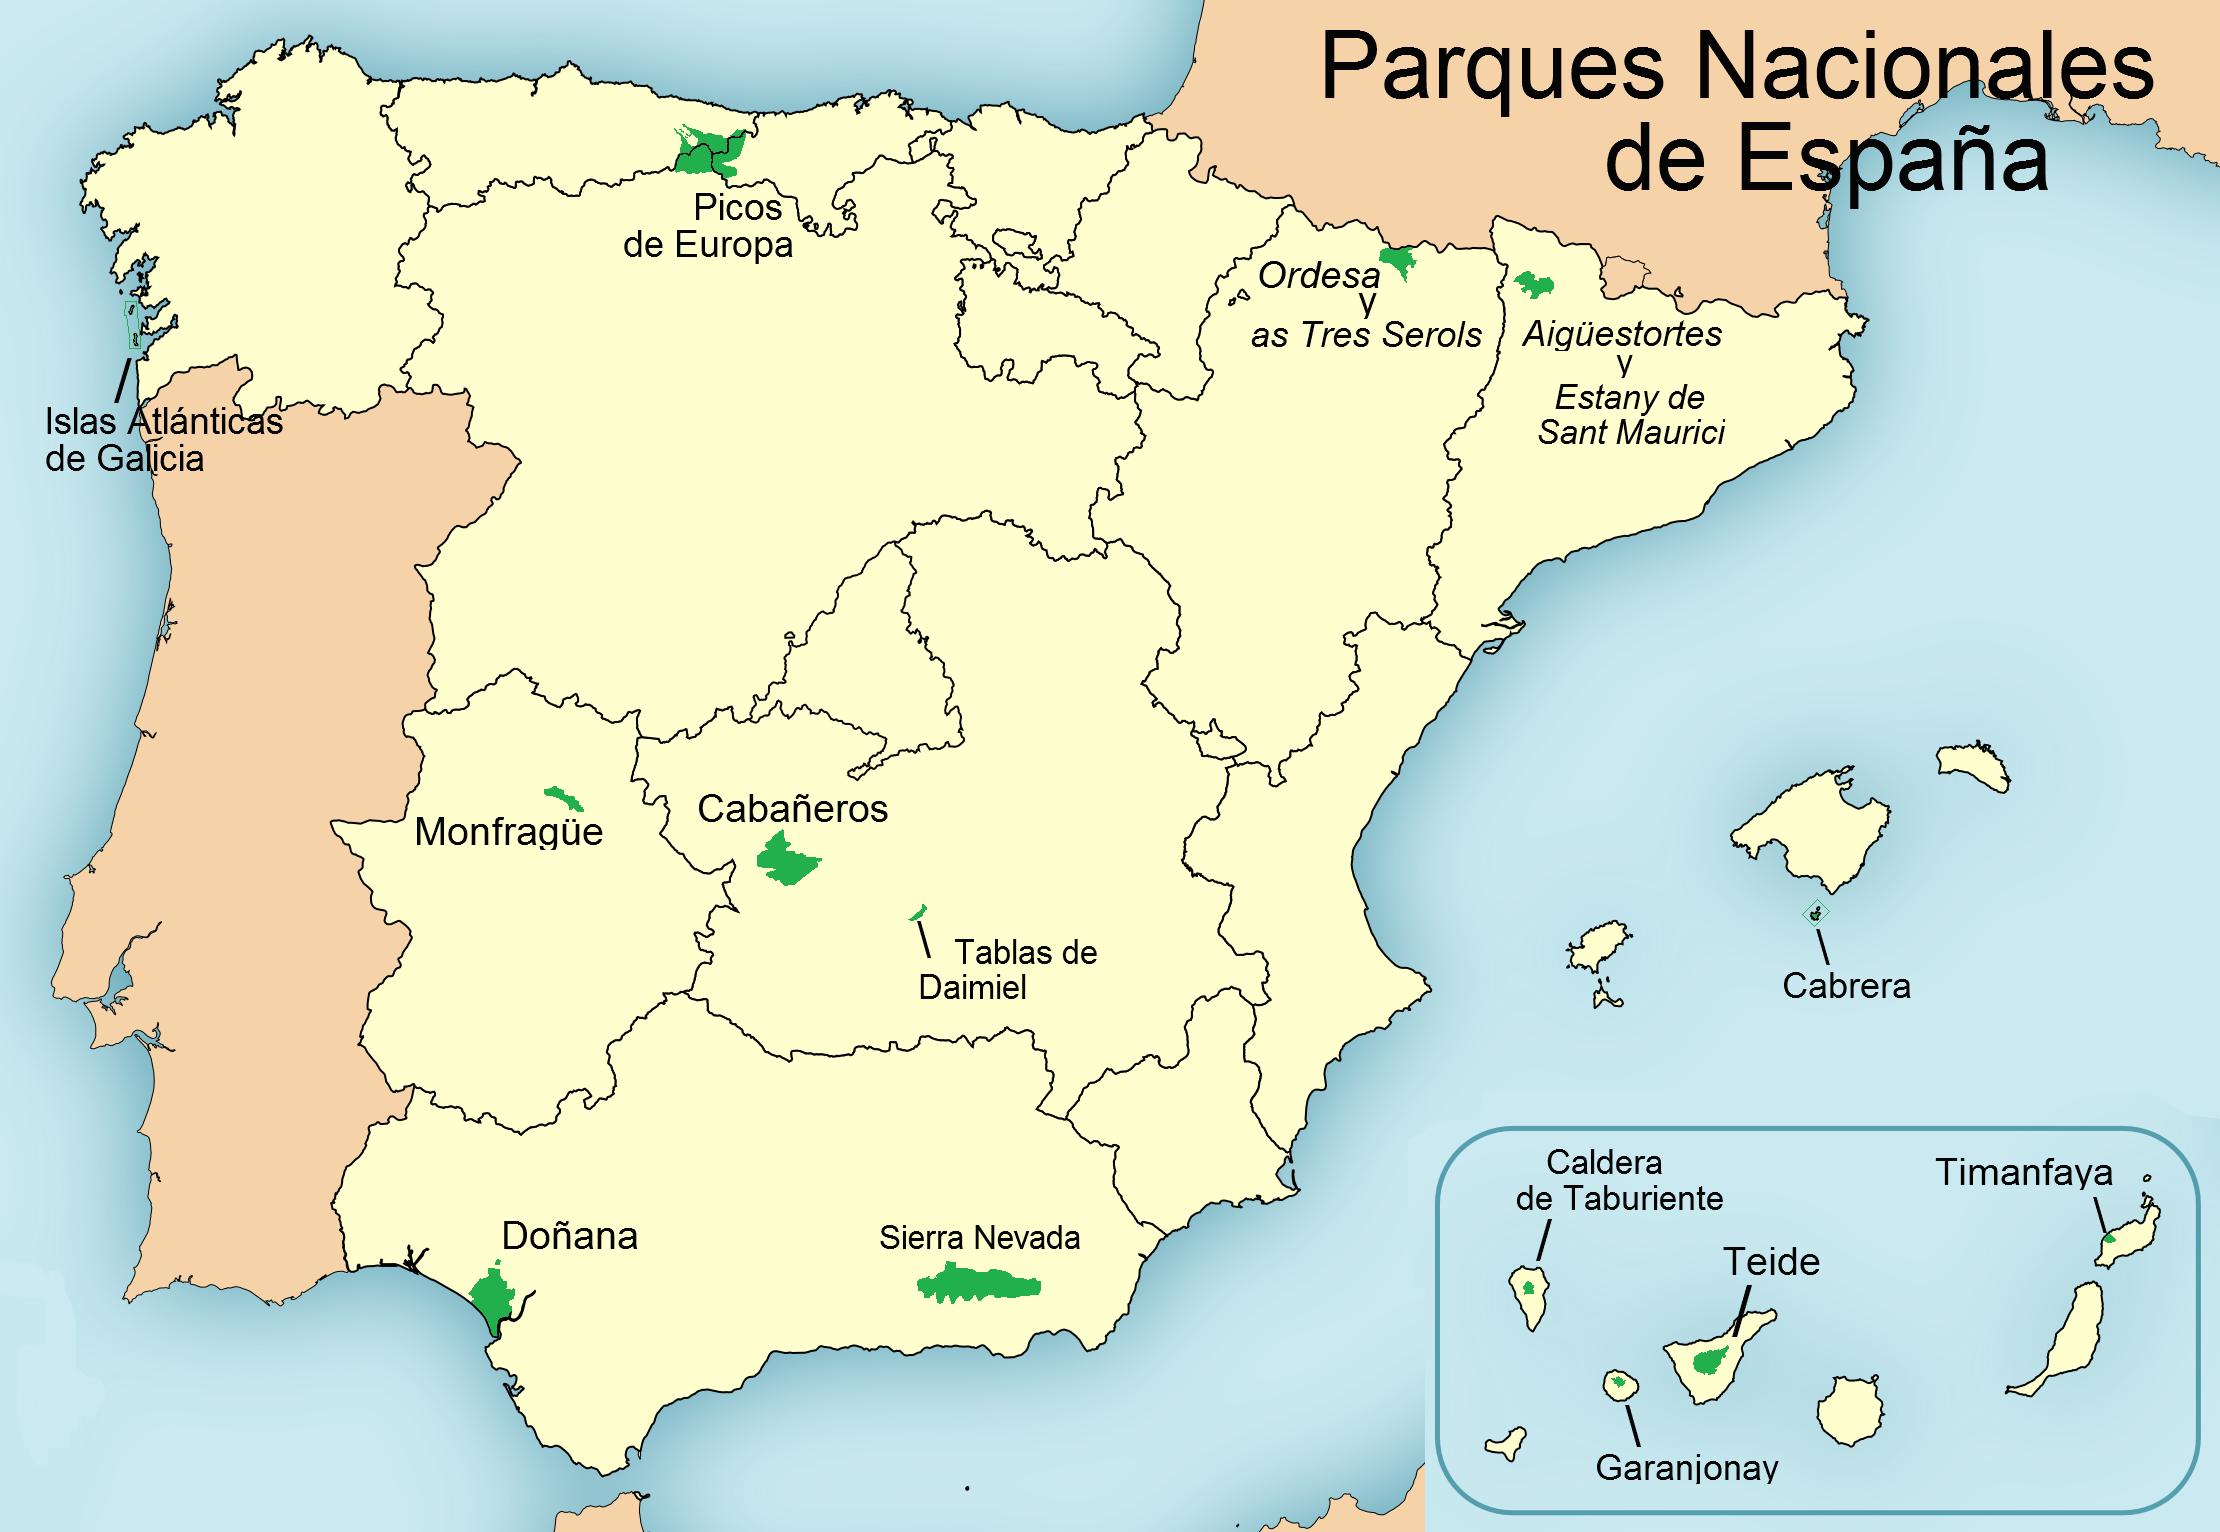 blog Safari Club, video resumen de los Parques Nacionales de España